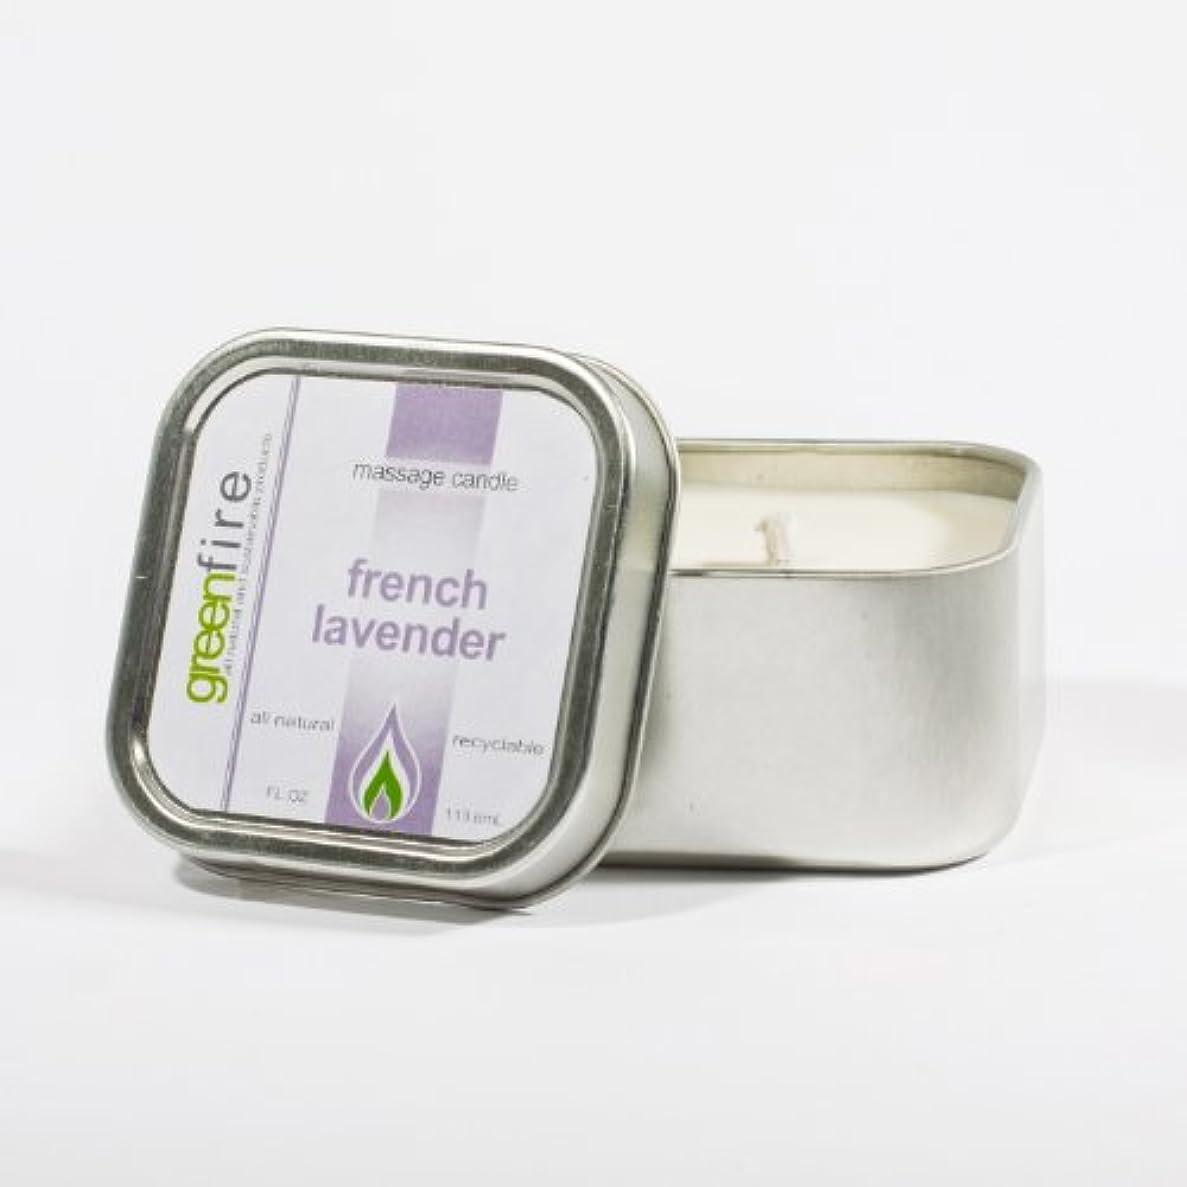 仕出します粘り強い染料グリーンファイヤーマッサージキャンドル フレンチラベンダープレミアムブレンドの香り(サイズ:118.3mL)